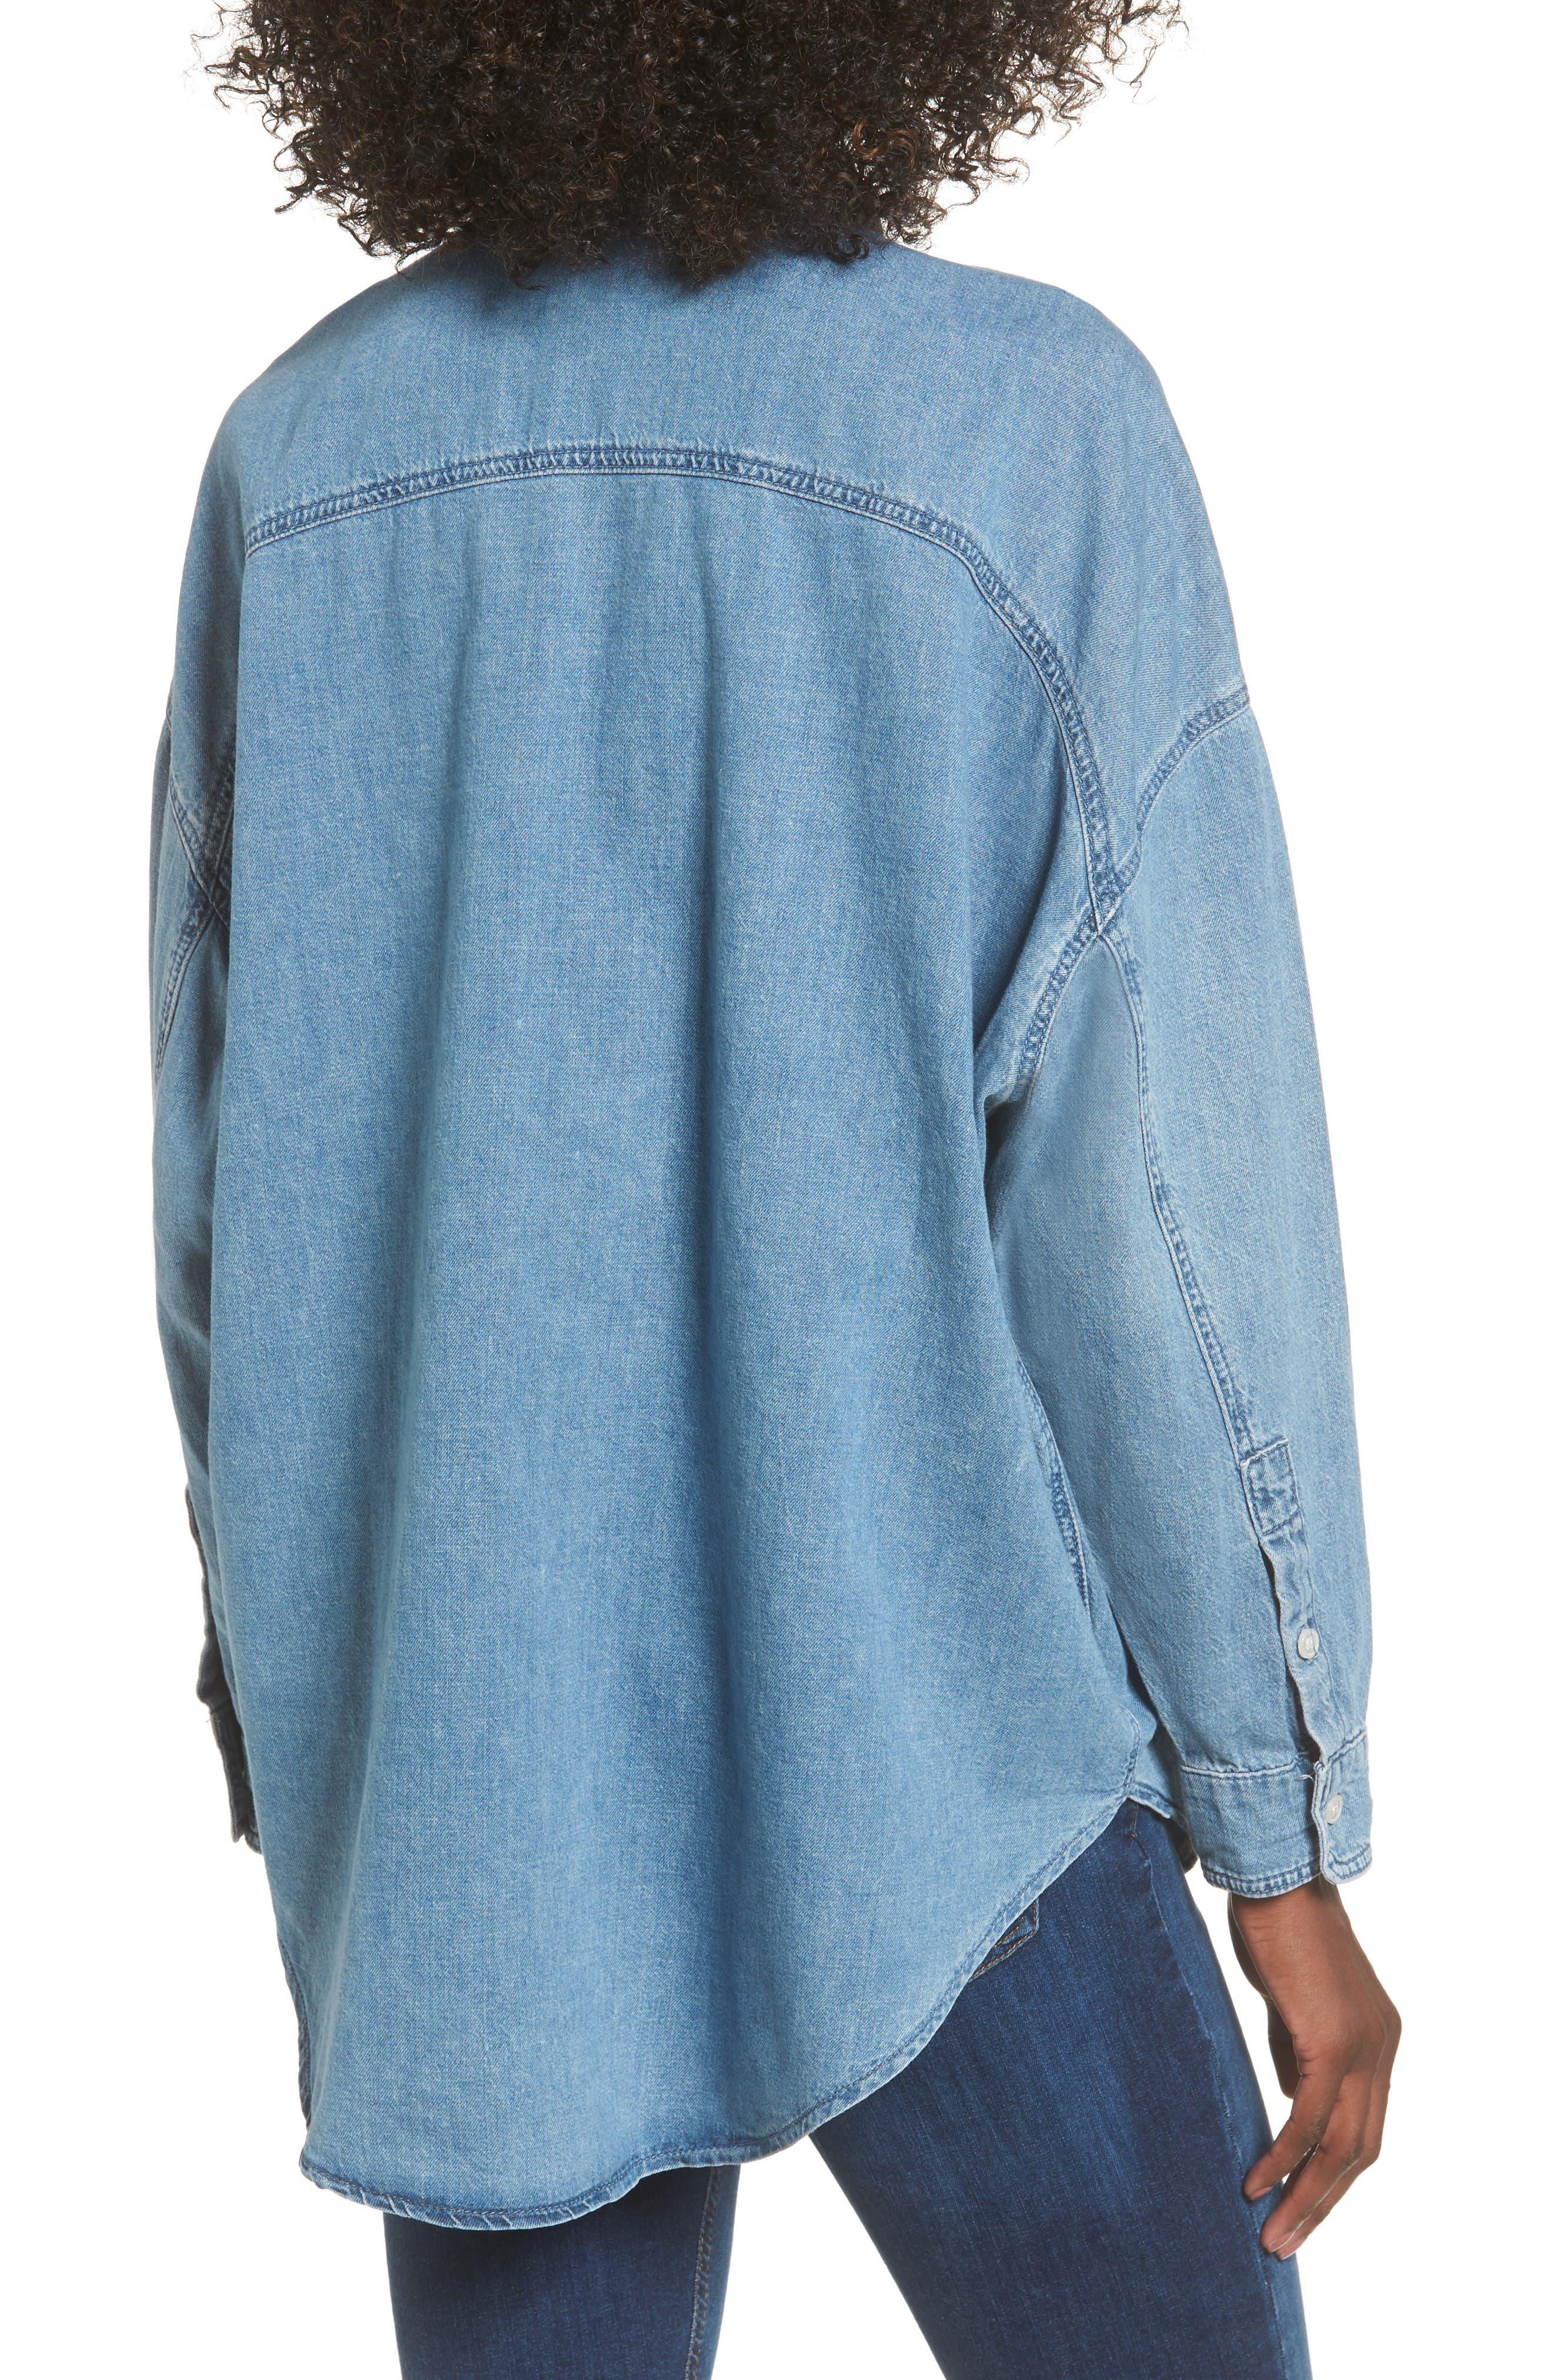 Elton Oversized Denim Shirt,                             Alternate thumbnail 2, color,